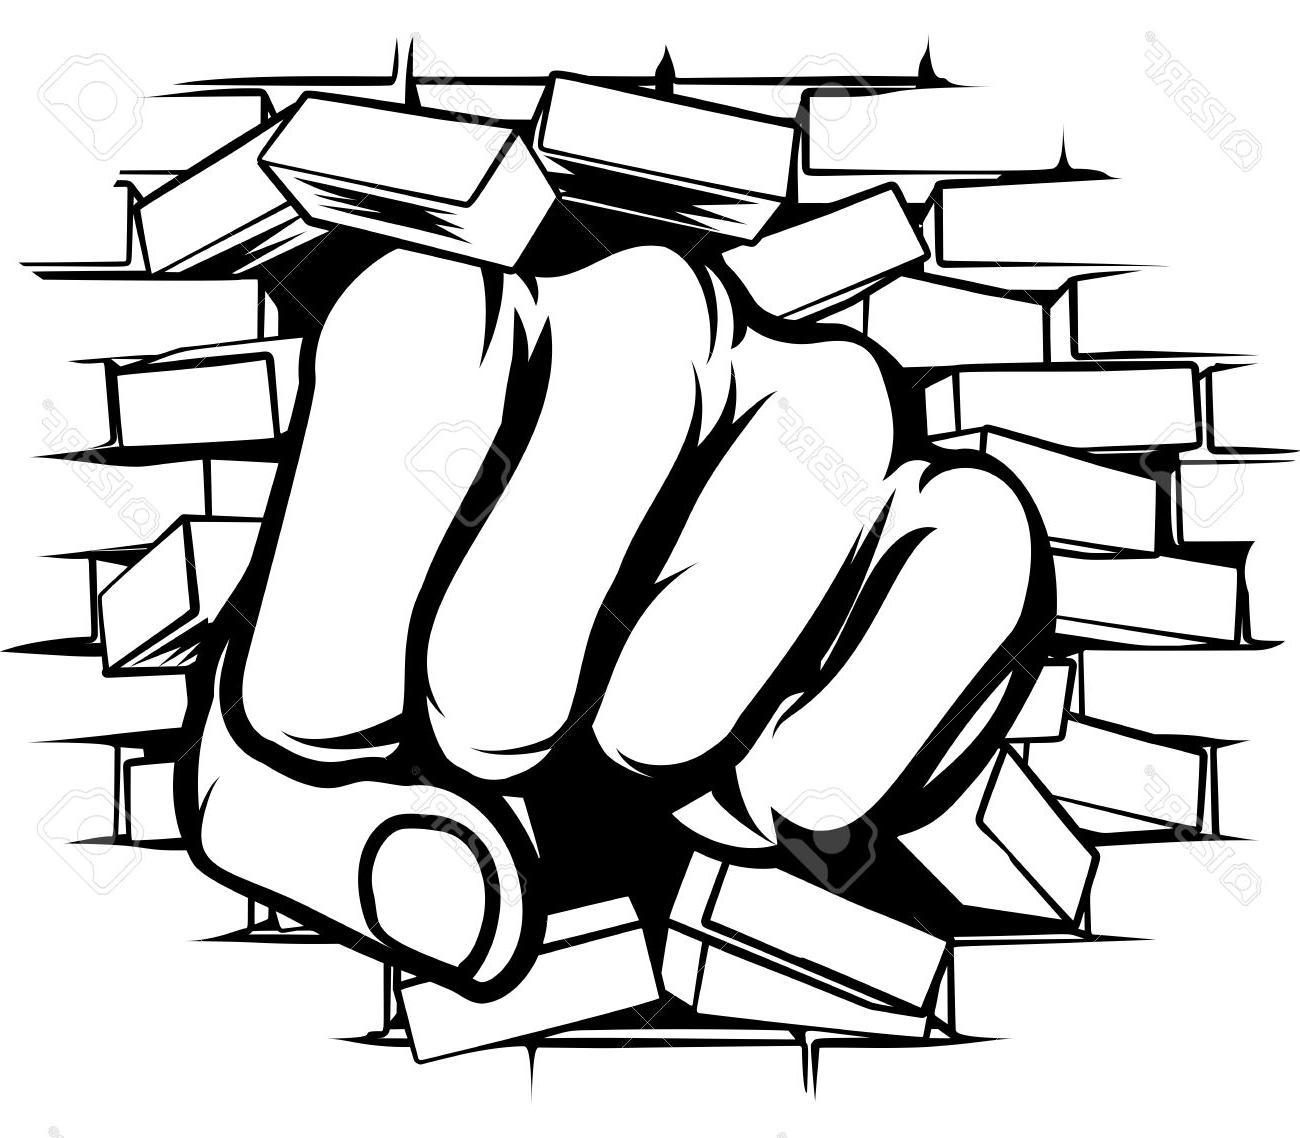 Brick Drawing At Getdrawings